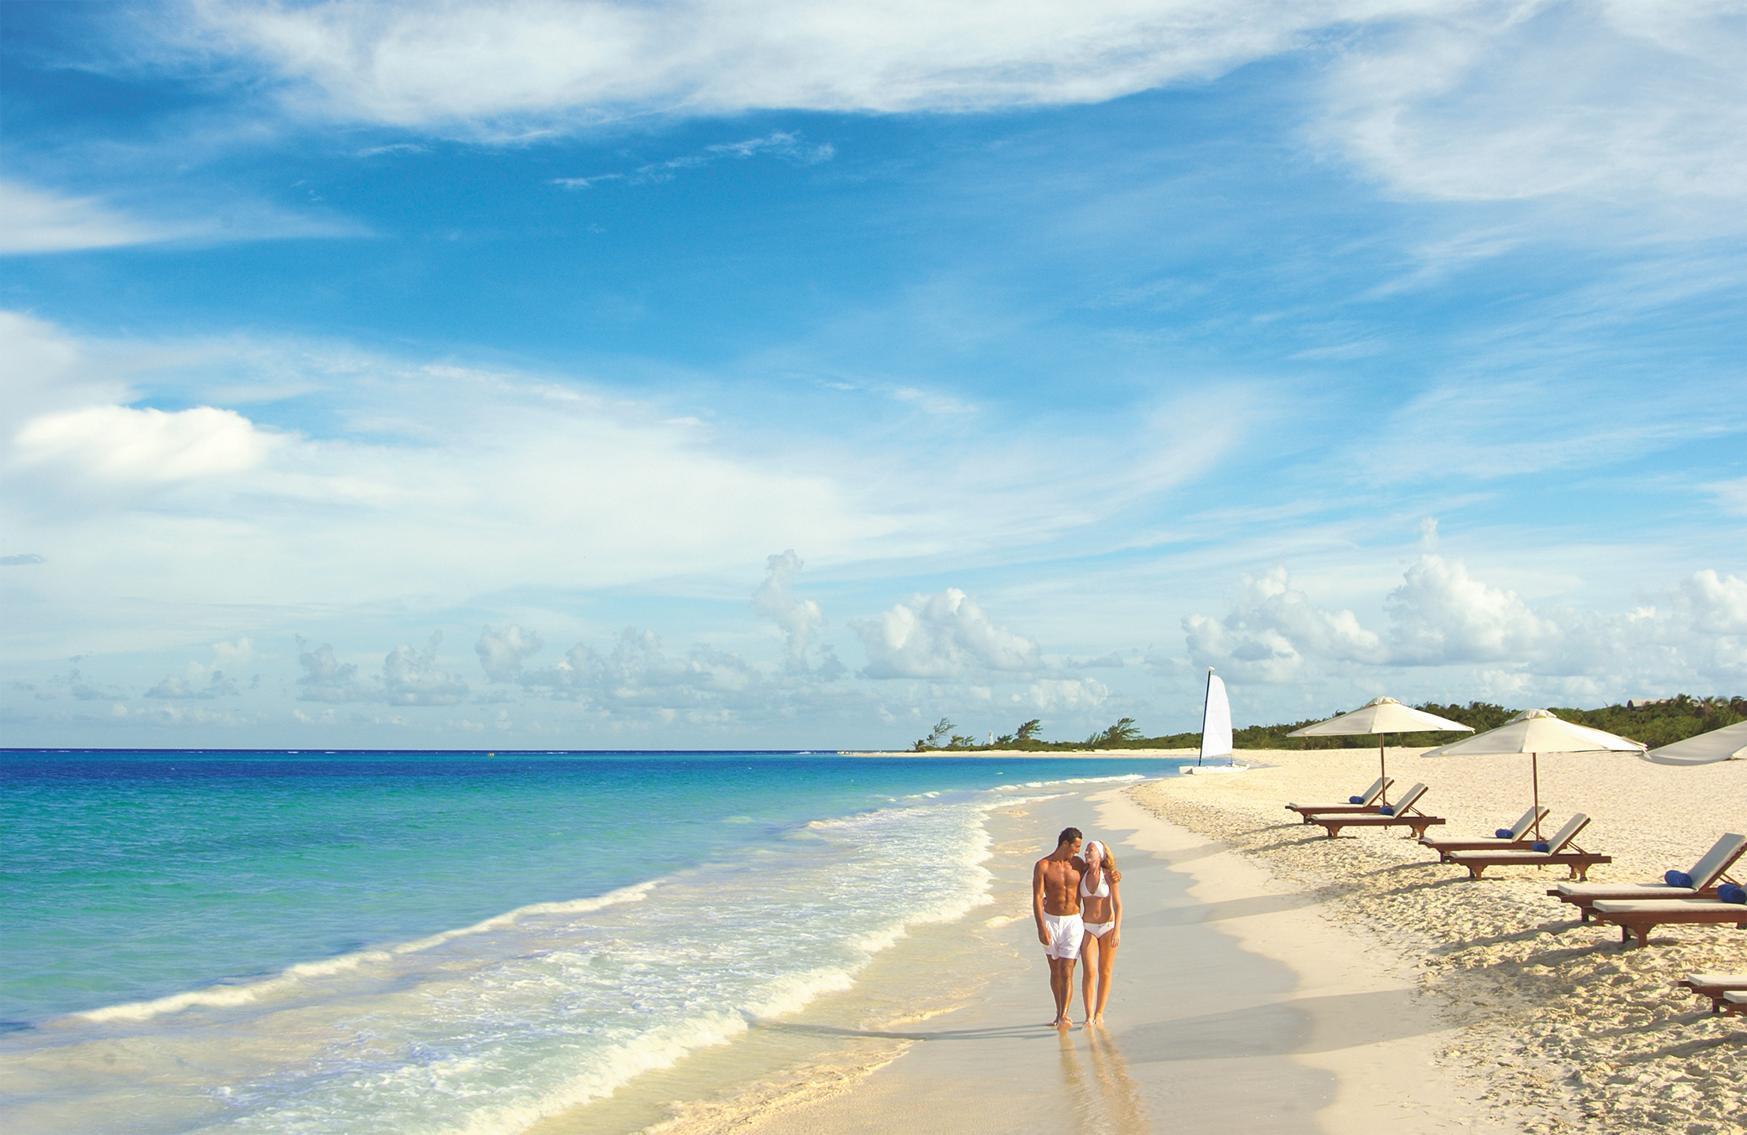 Мексика морской курорт для отдыха